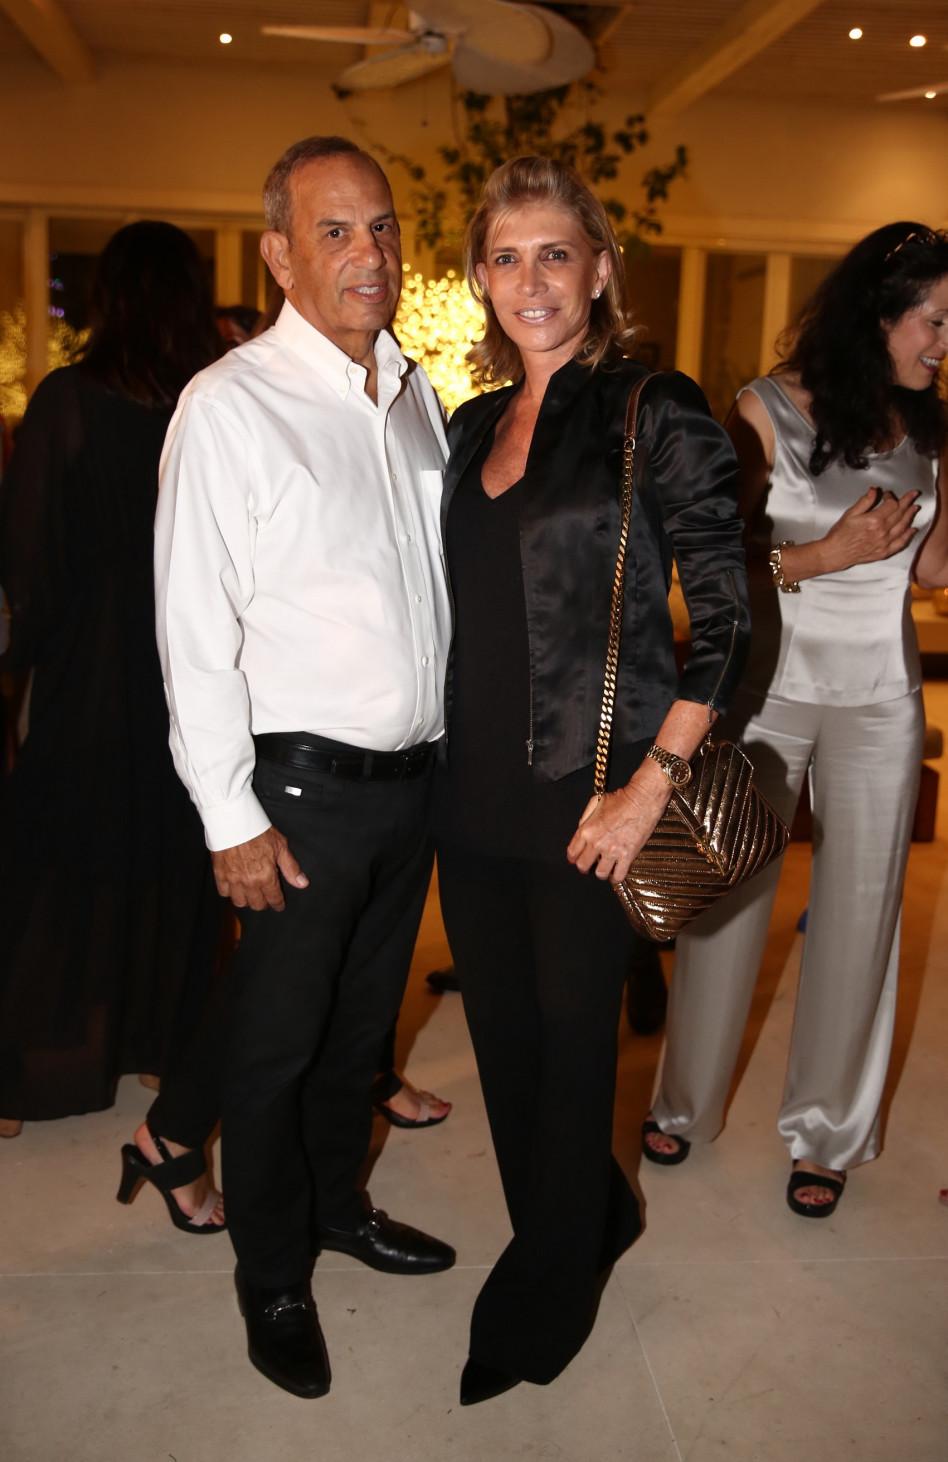 ענת ושמואל פרנקל (צילום: אלירן אביטל)